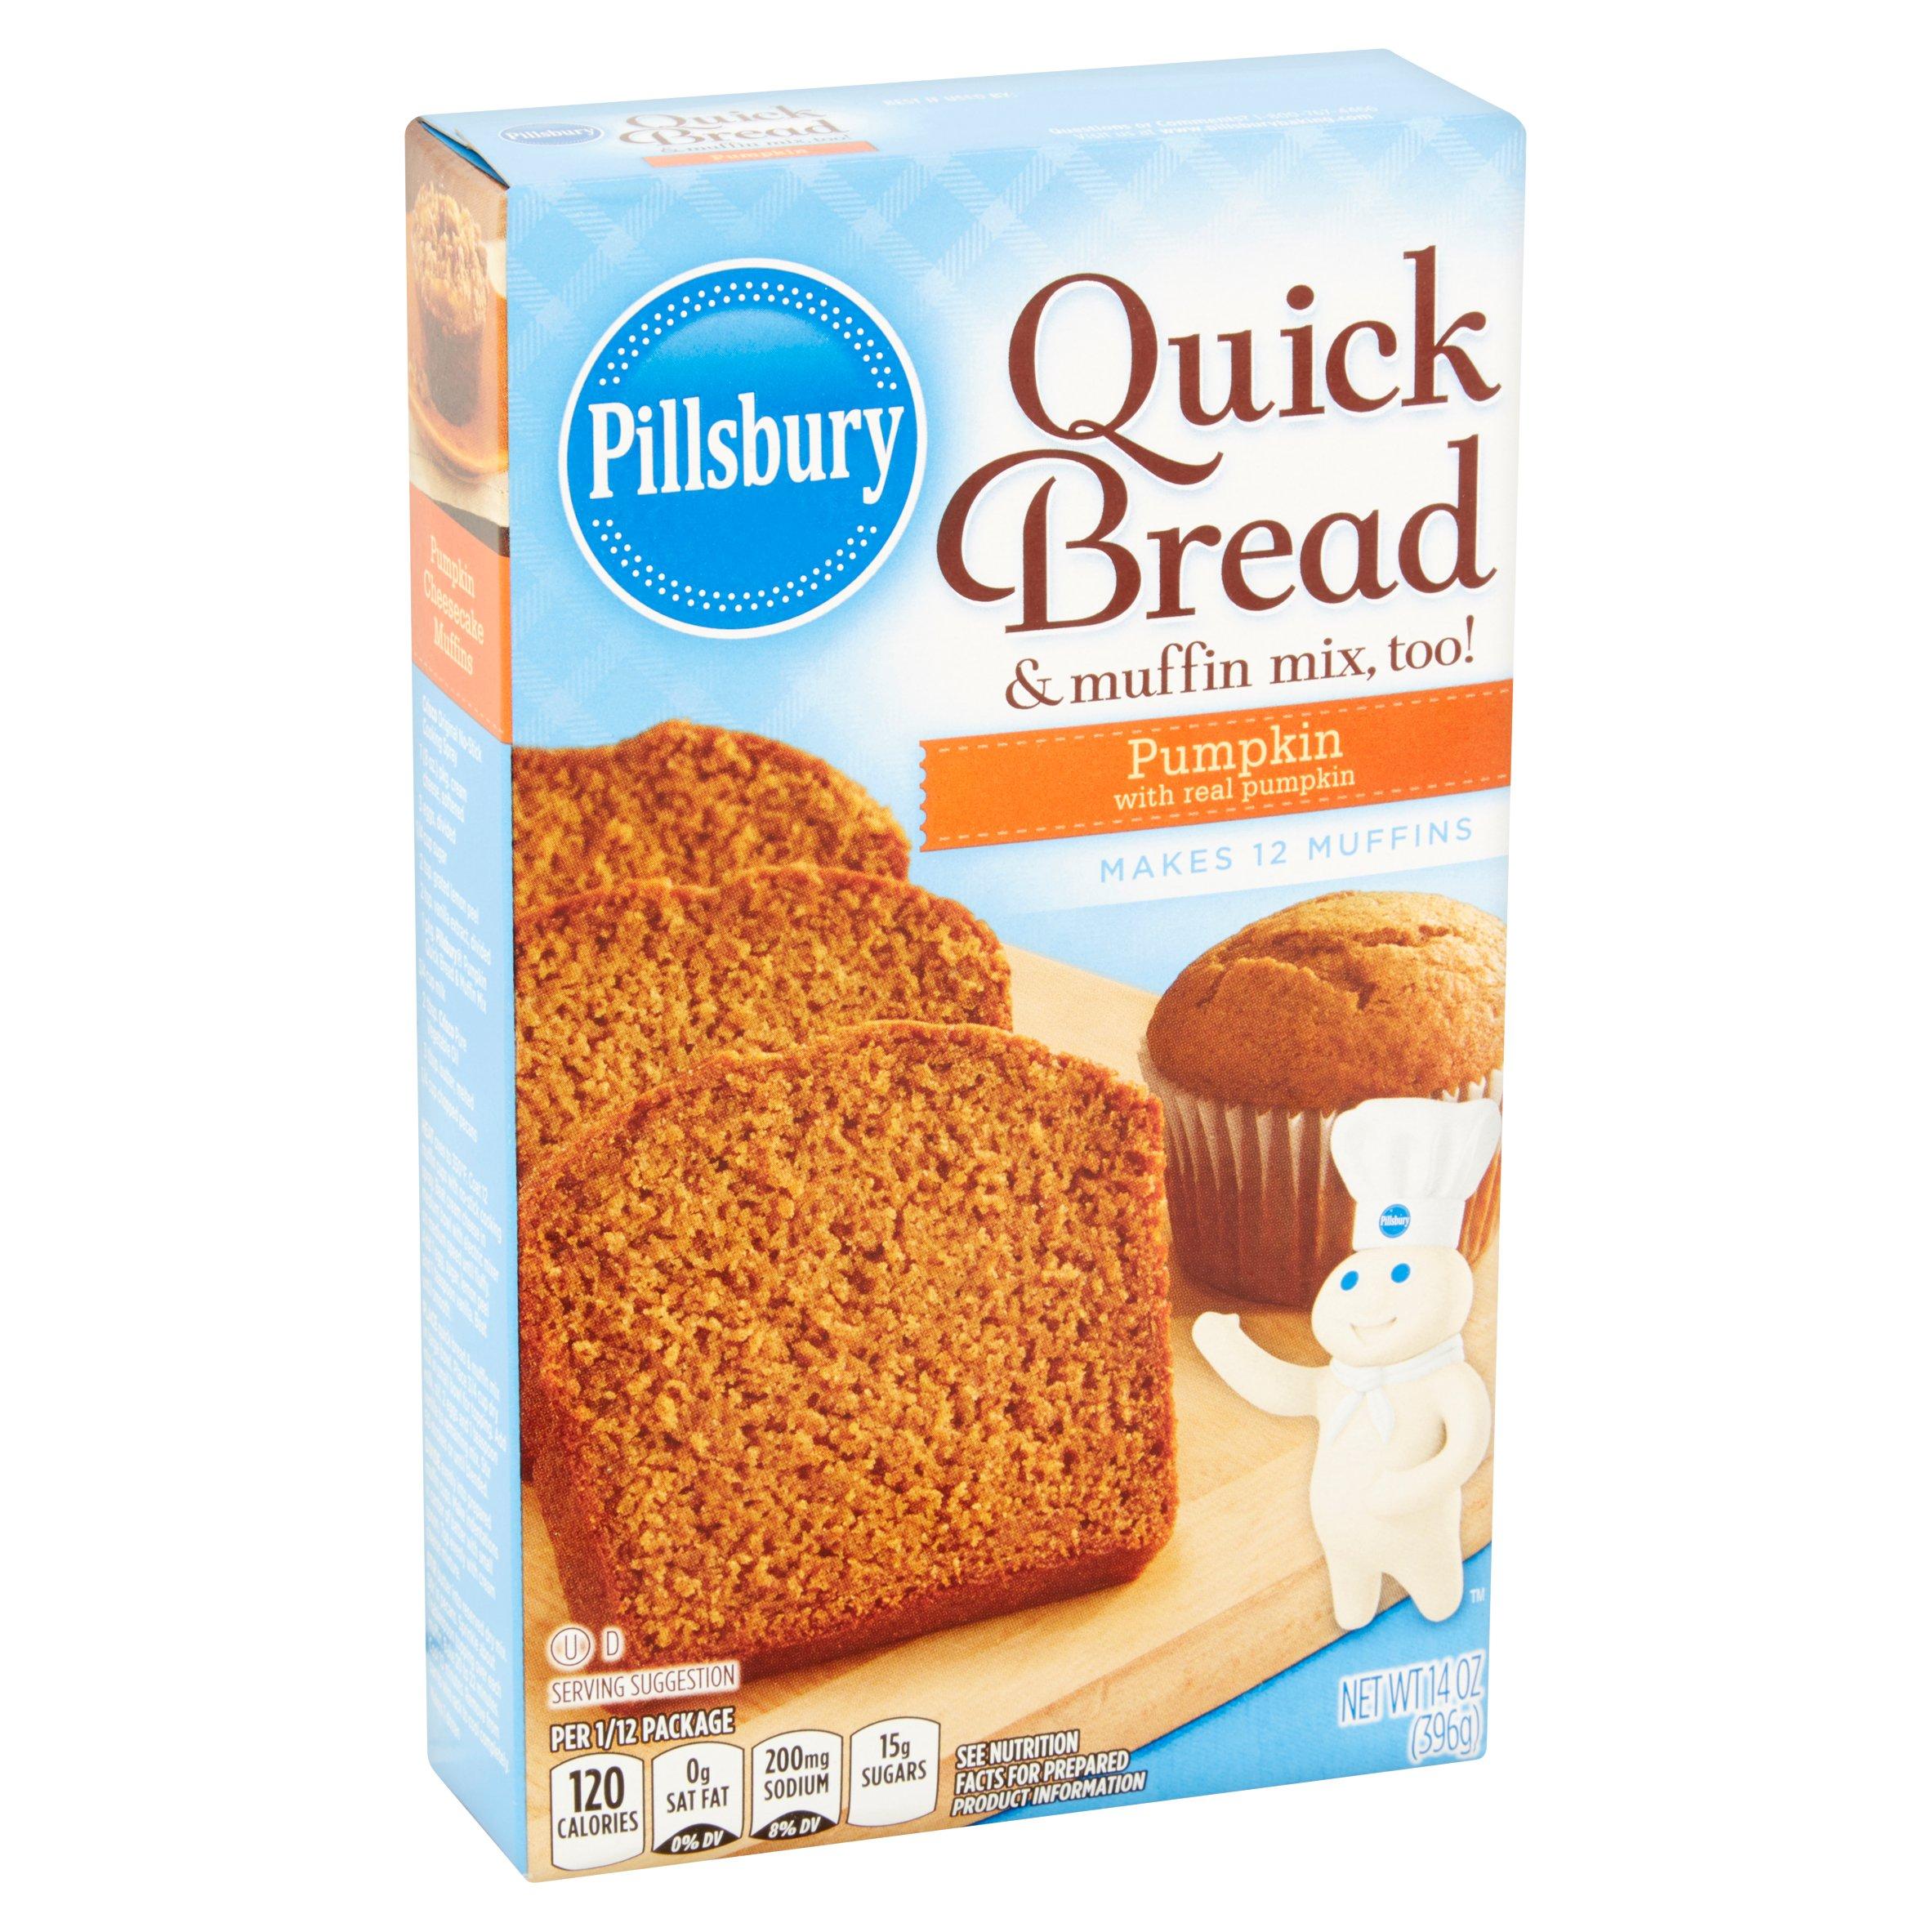 Pillsbury Pumpkin Quick Bread And Muffin Mix 14 Oz Pack Of 3 Walmart Com Walmart Com